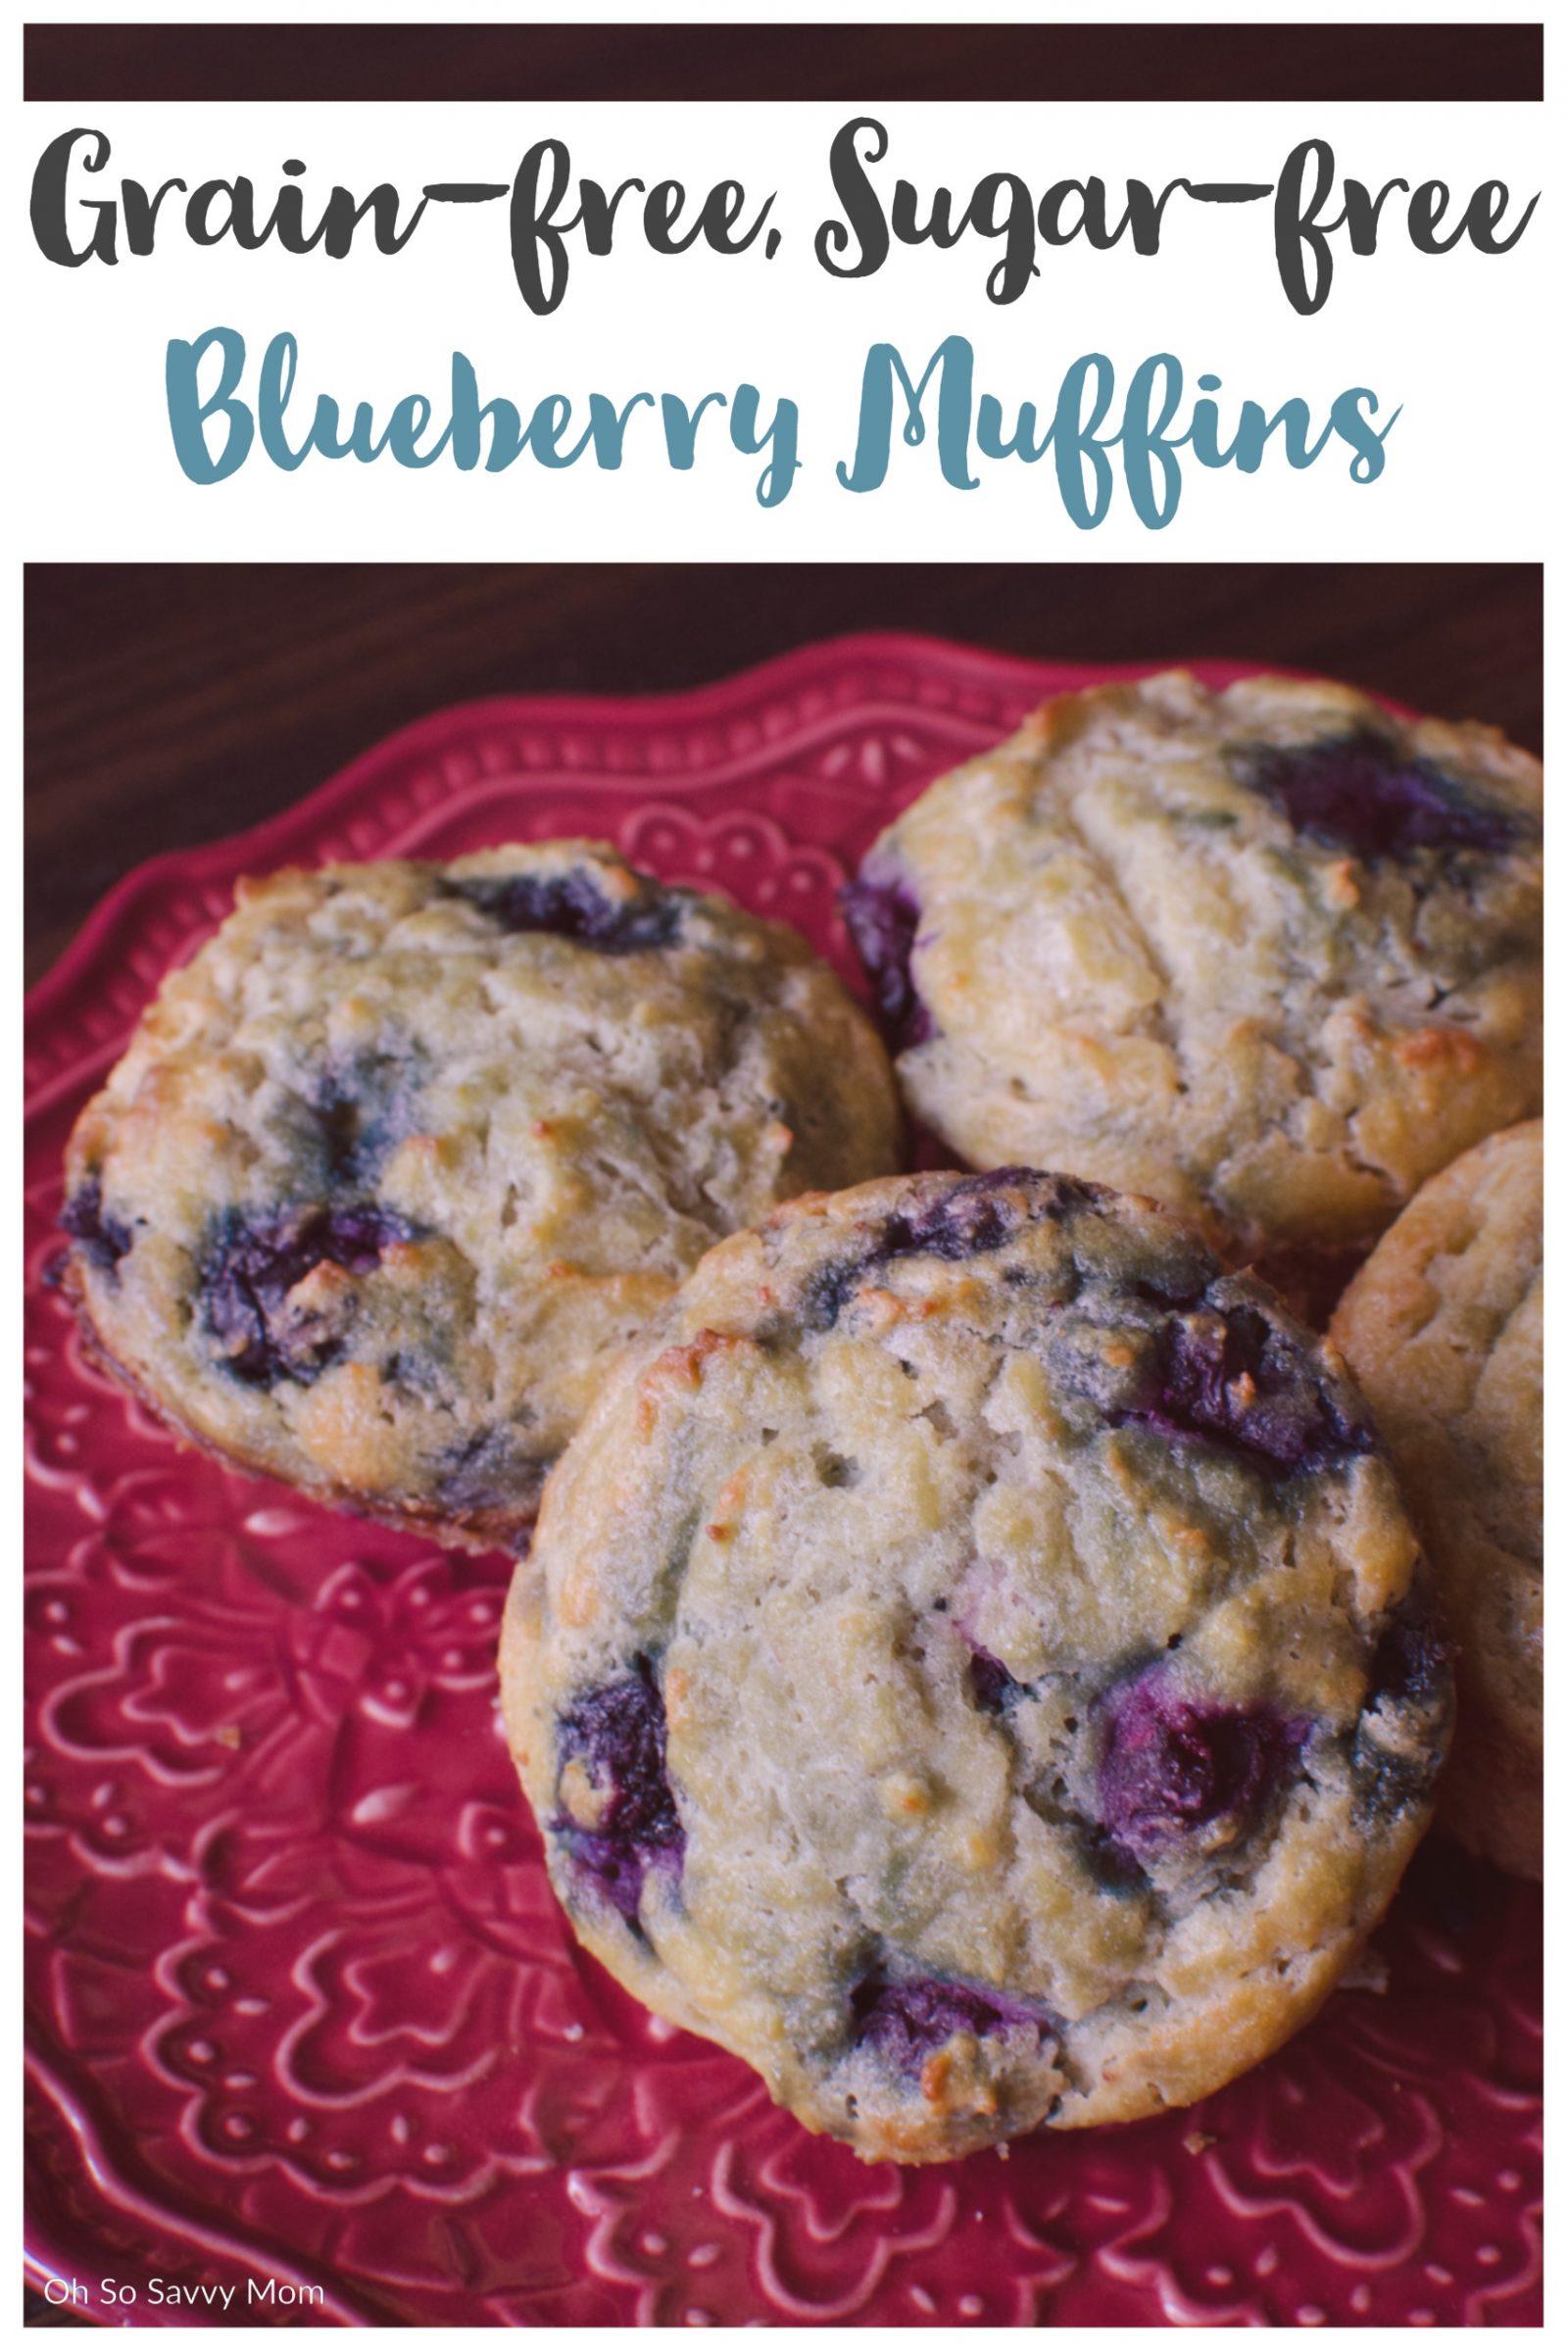 Gluten-Free, Sugar-Free Muffins